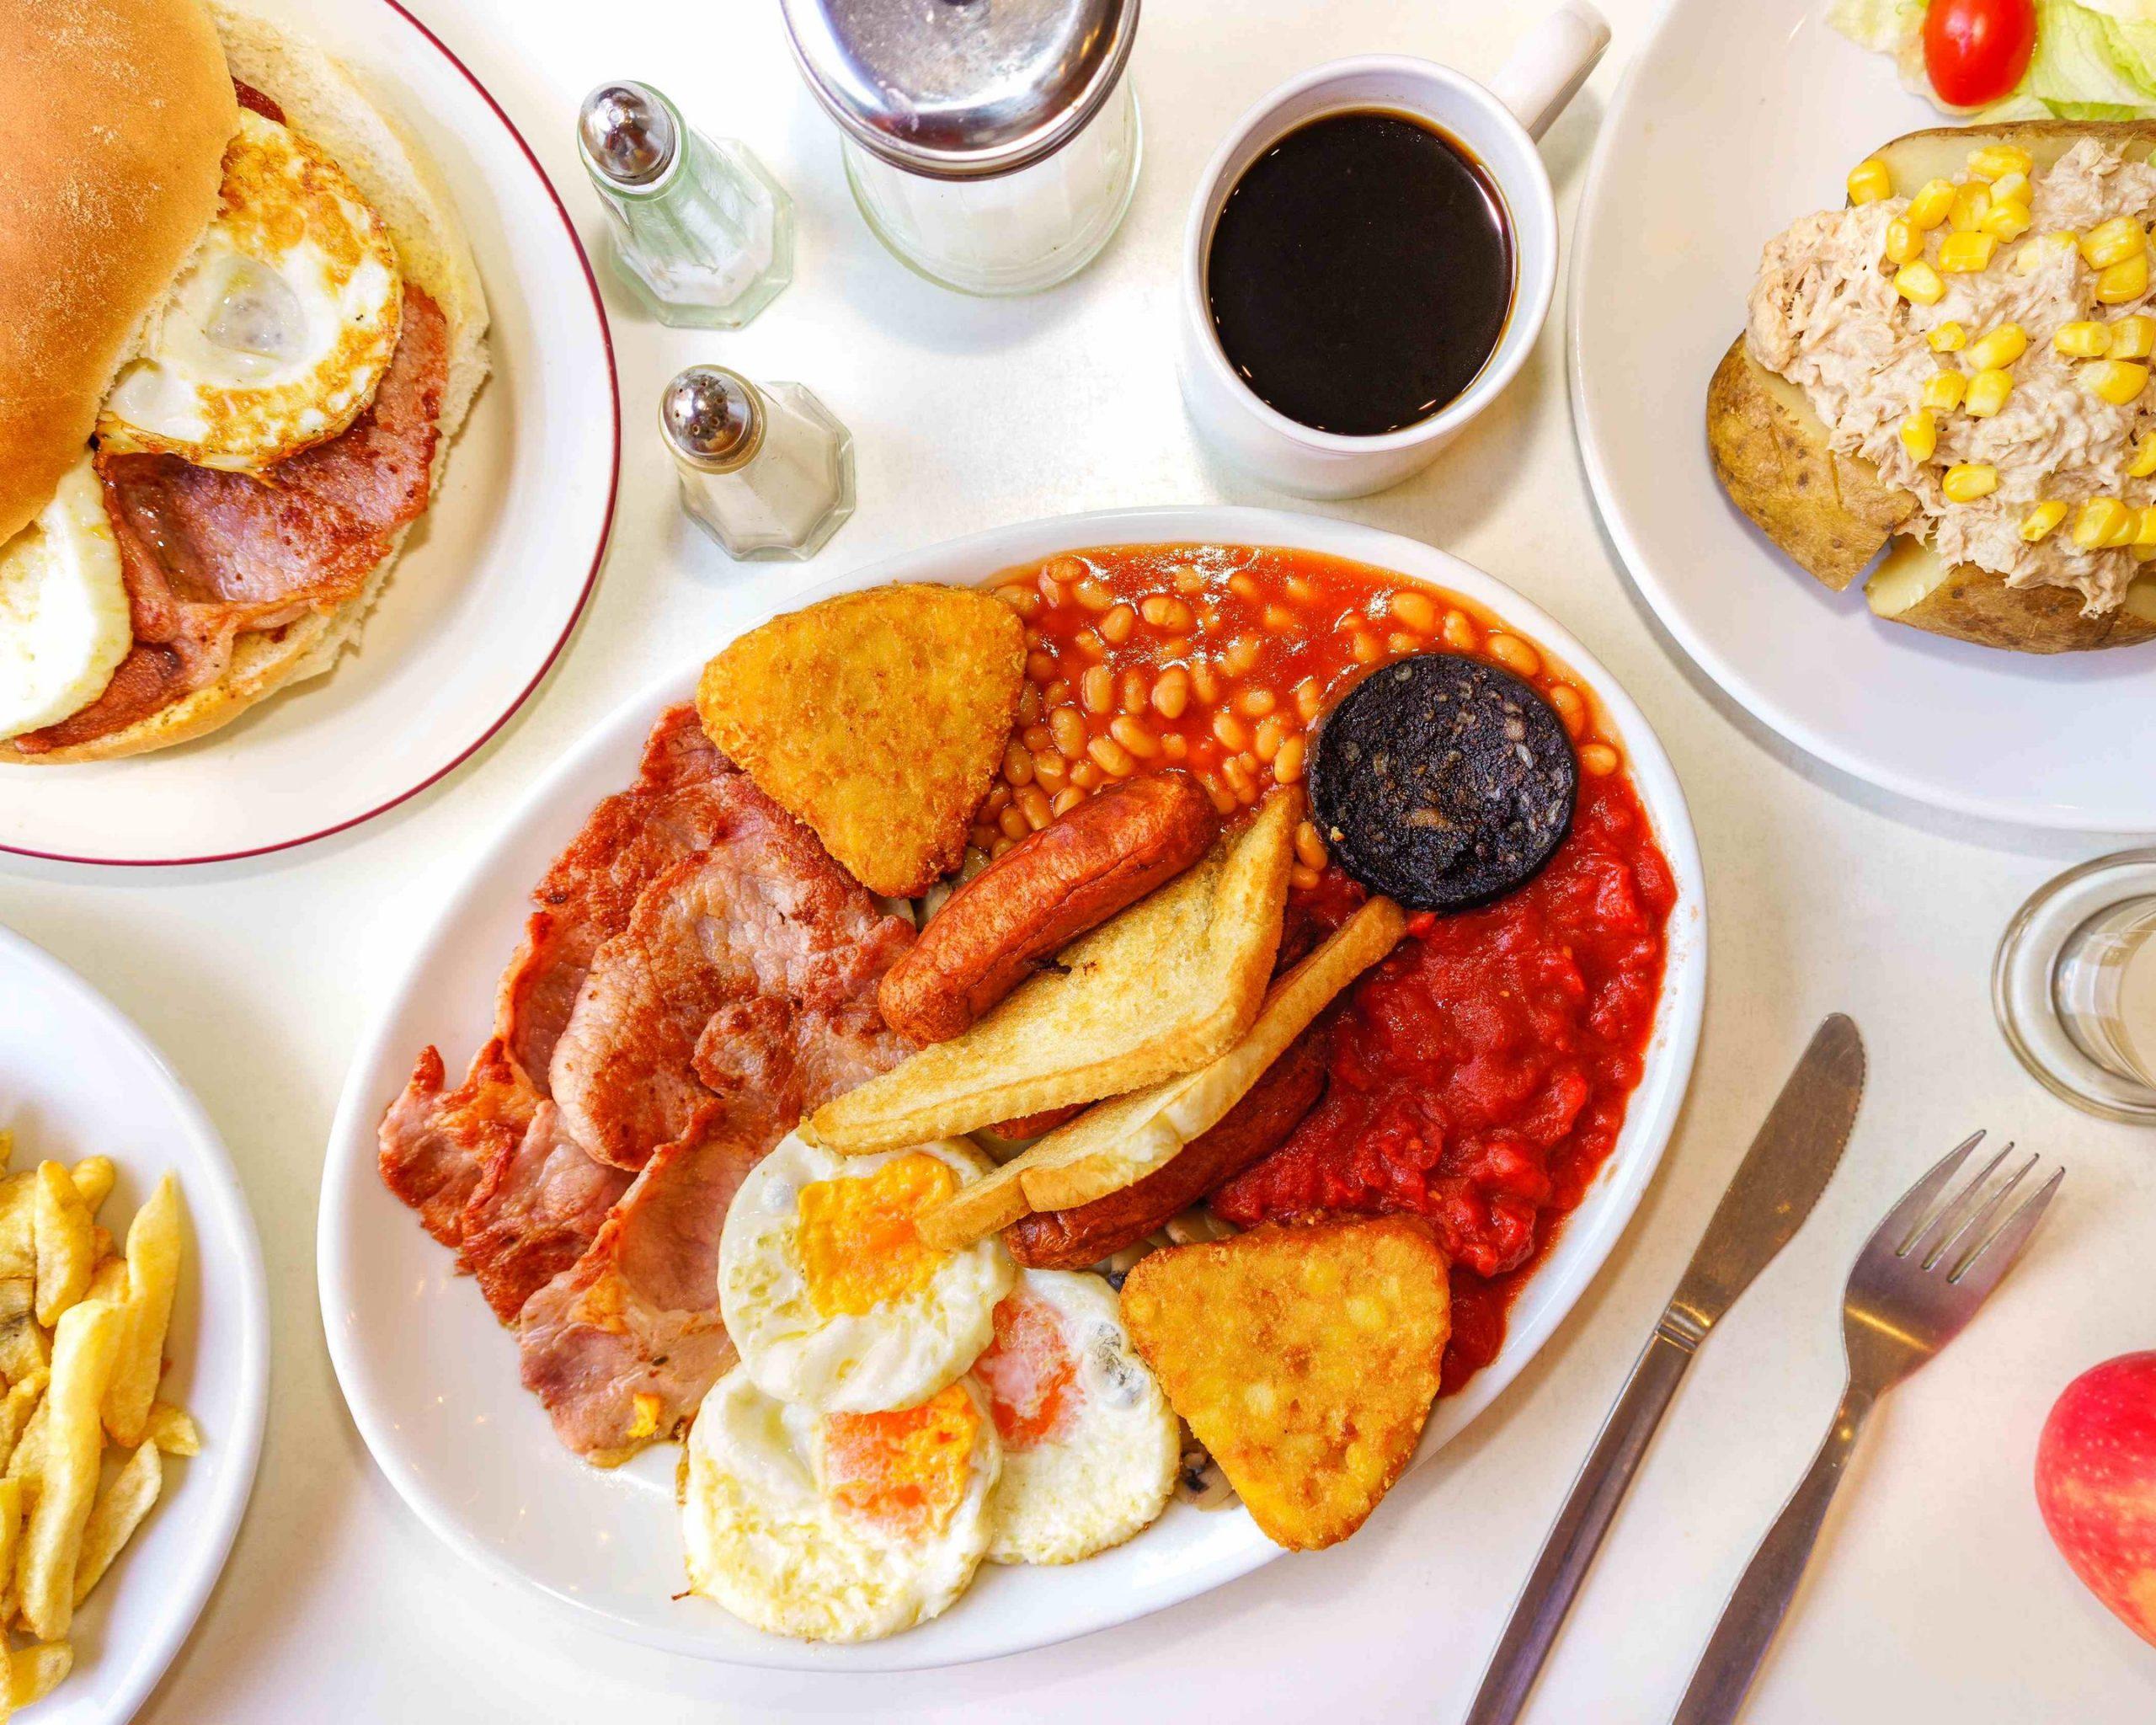 اشهر 7 مأكولات في مطعم بوبينا لندن